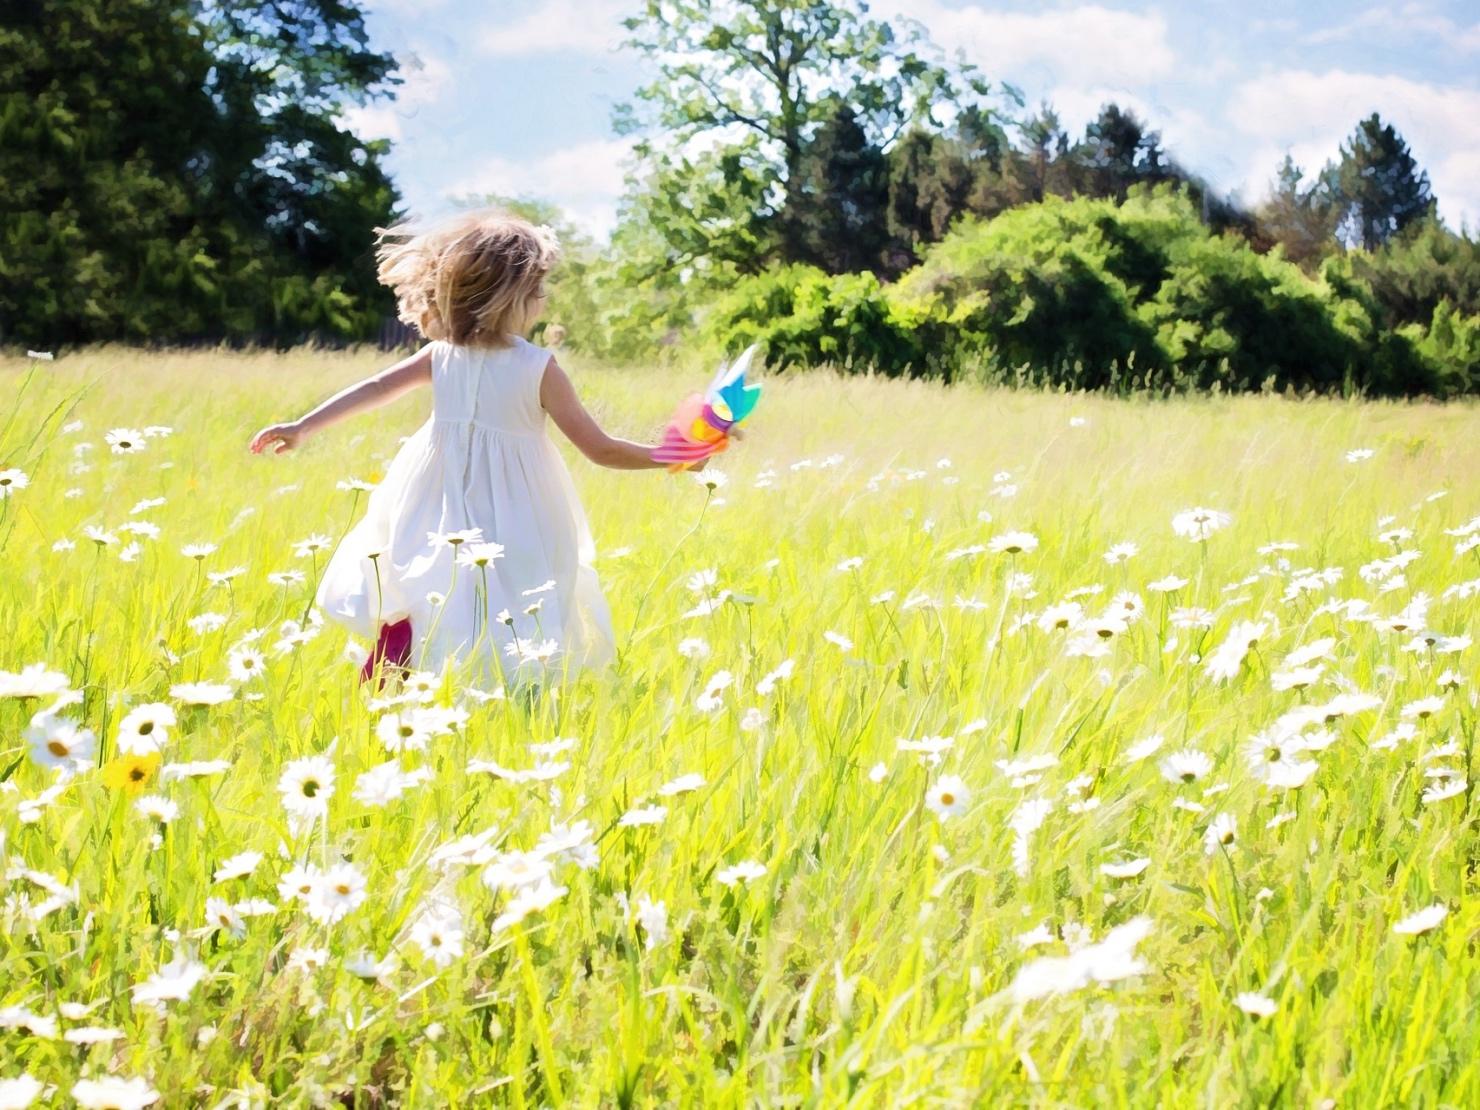 女の子が草原を走っているイラスト